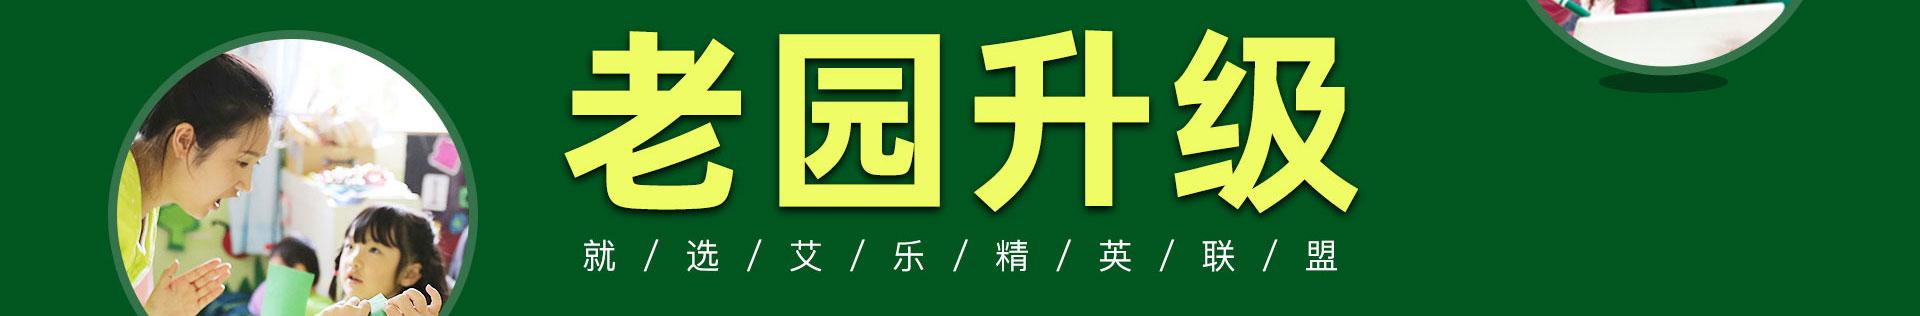 香港艾乐国际幼儿园al_02